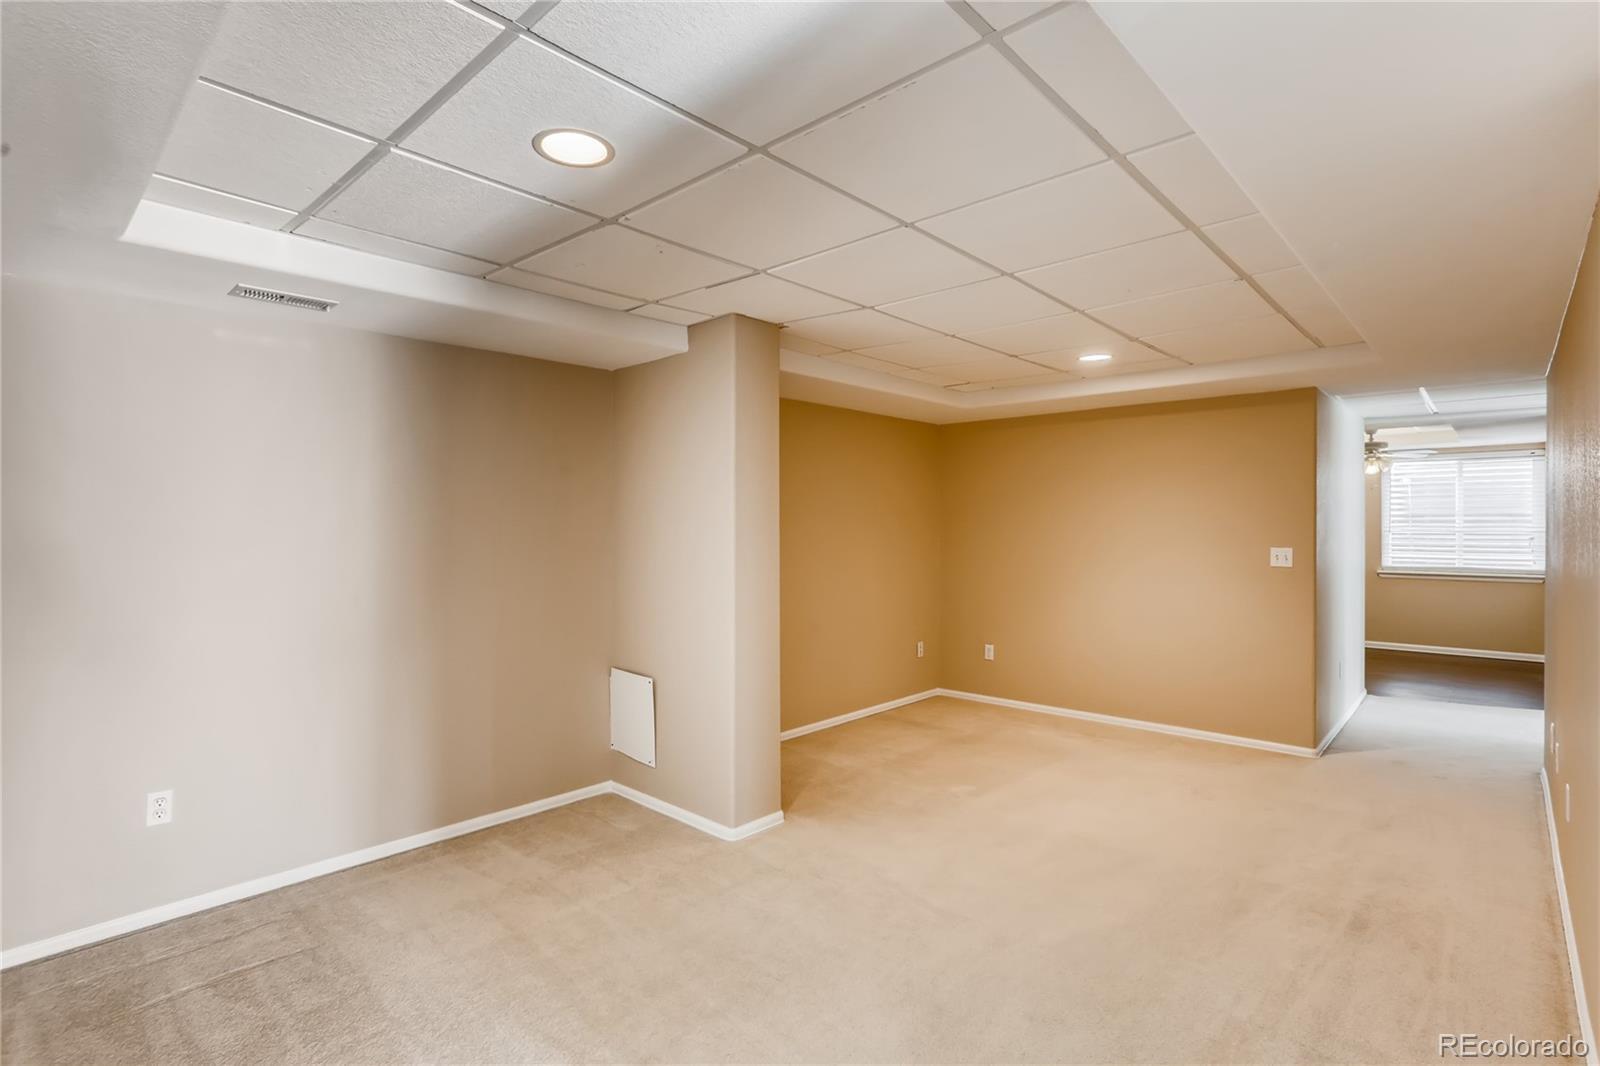 MLS# 3154871 - 24 - 4644 Cedar Glen Place, Castle Rock, CO 80109